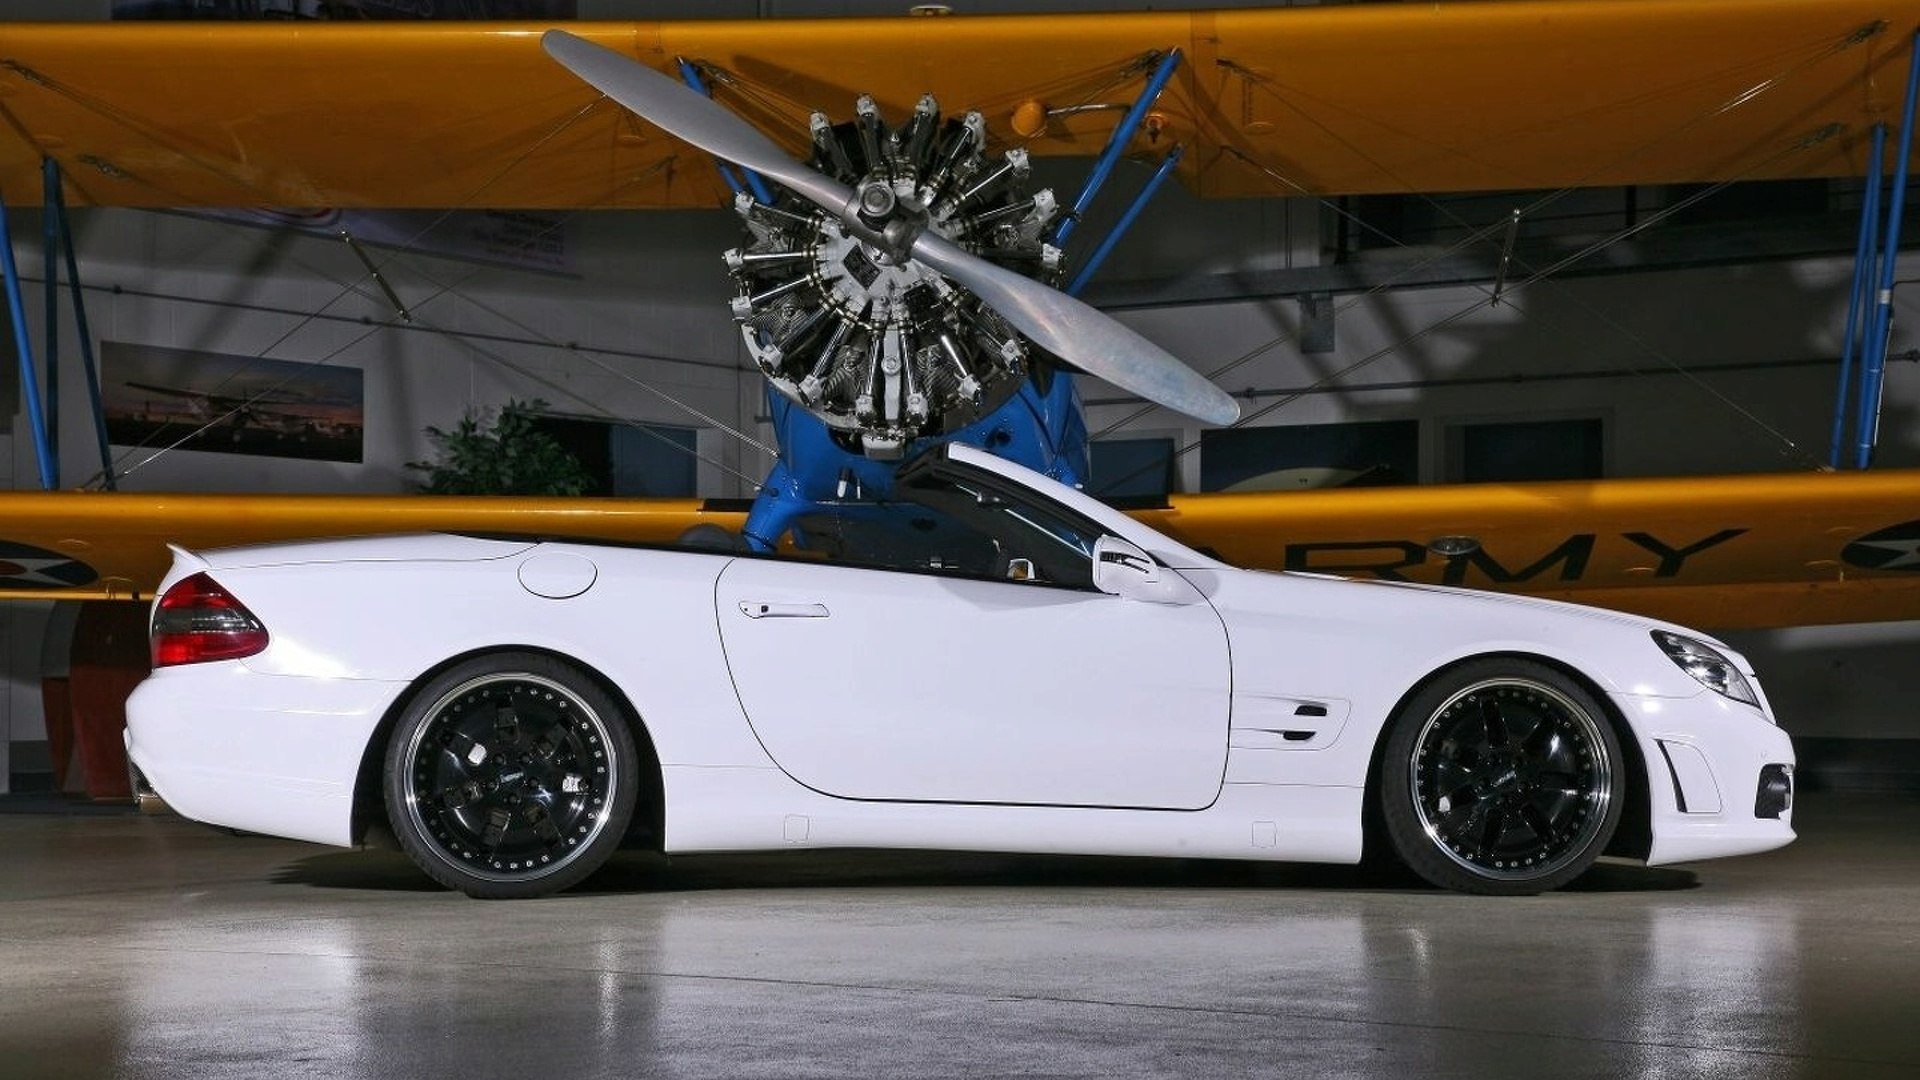 Inden-Design White Angel SL 65 AMG 680hp Conversion